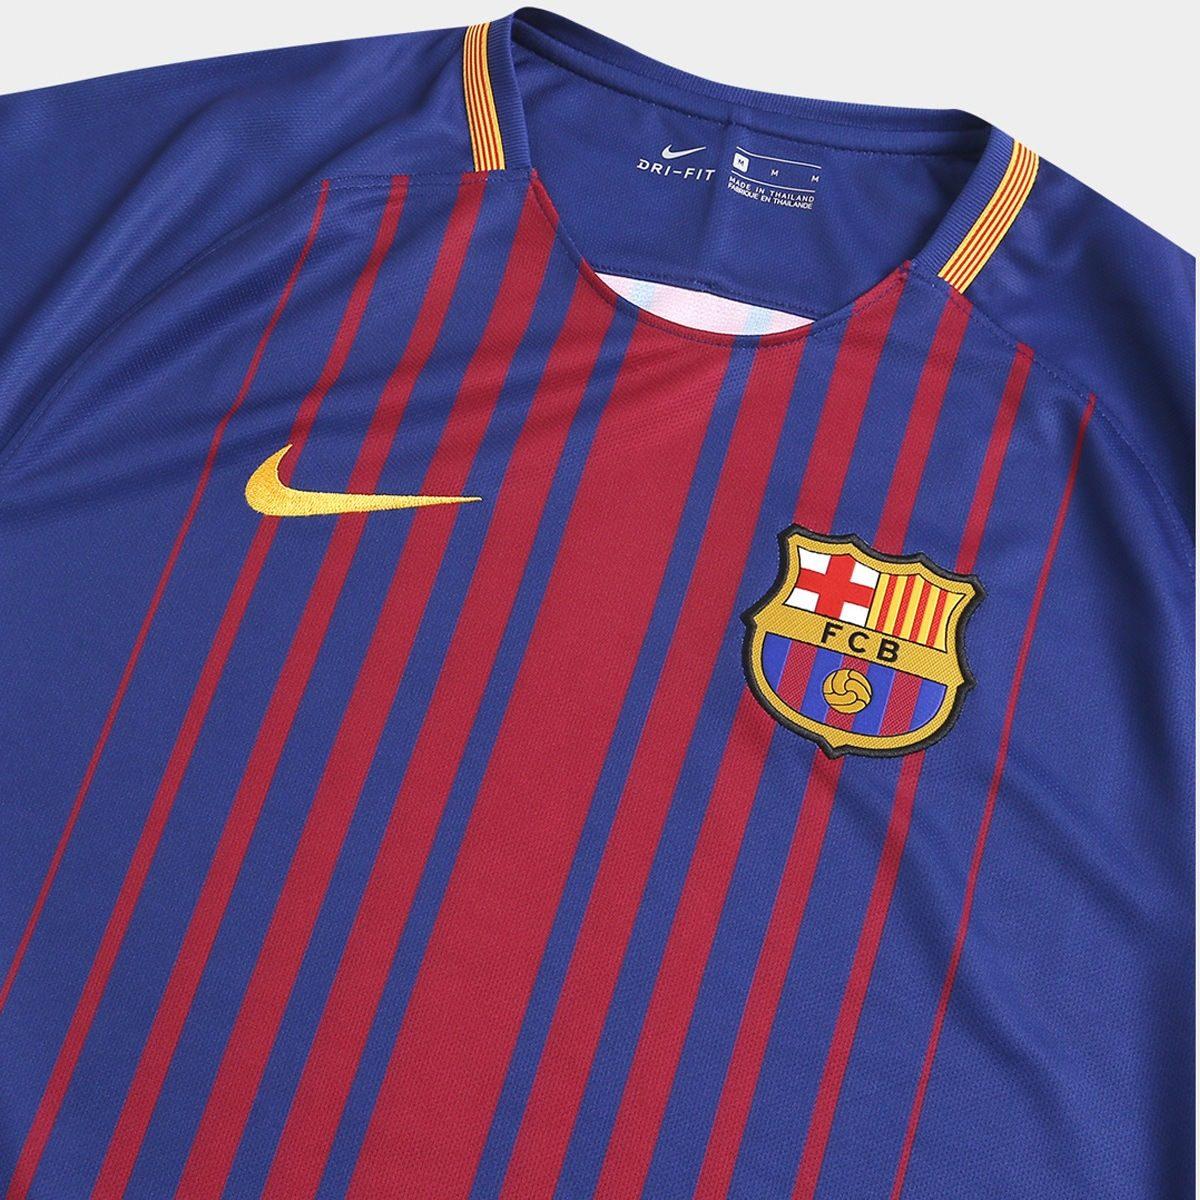 camisa barcelona 17 18 messi 10 torcedor promoção relâmpago. Carregando zoom . eef604415fb39